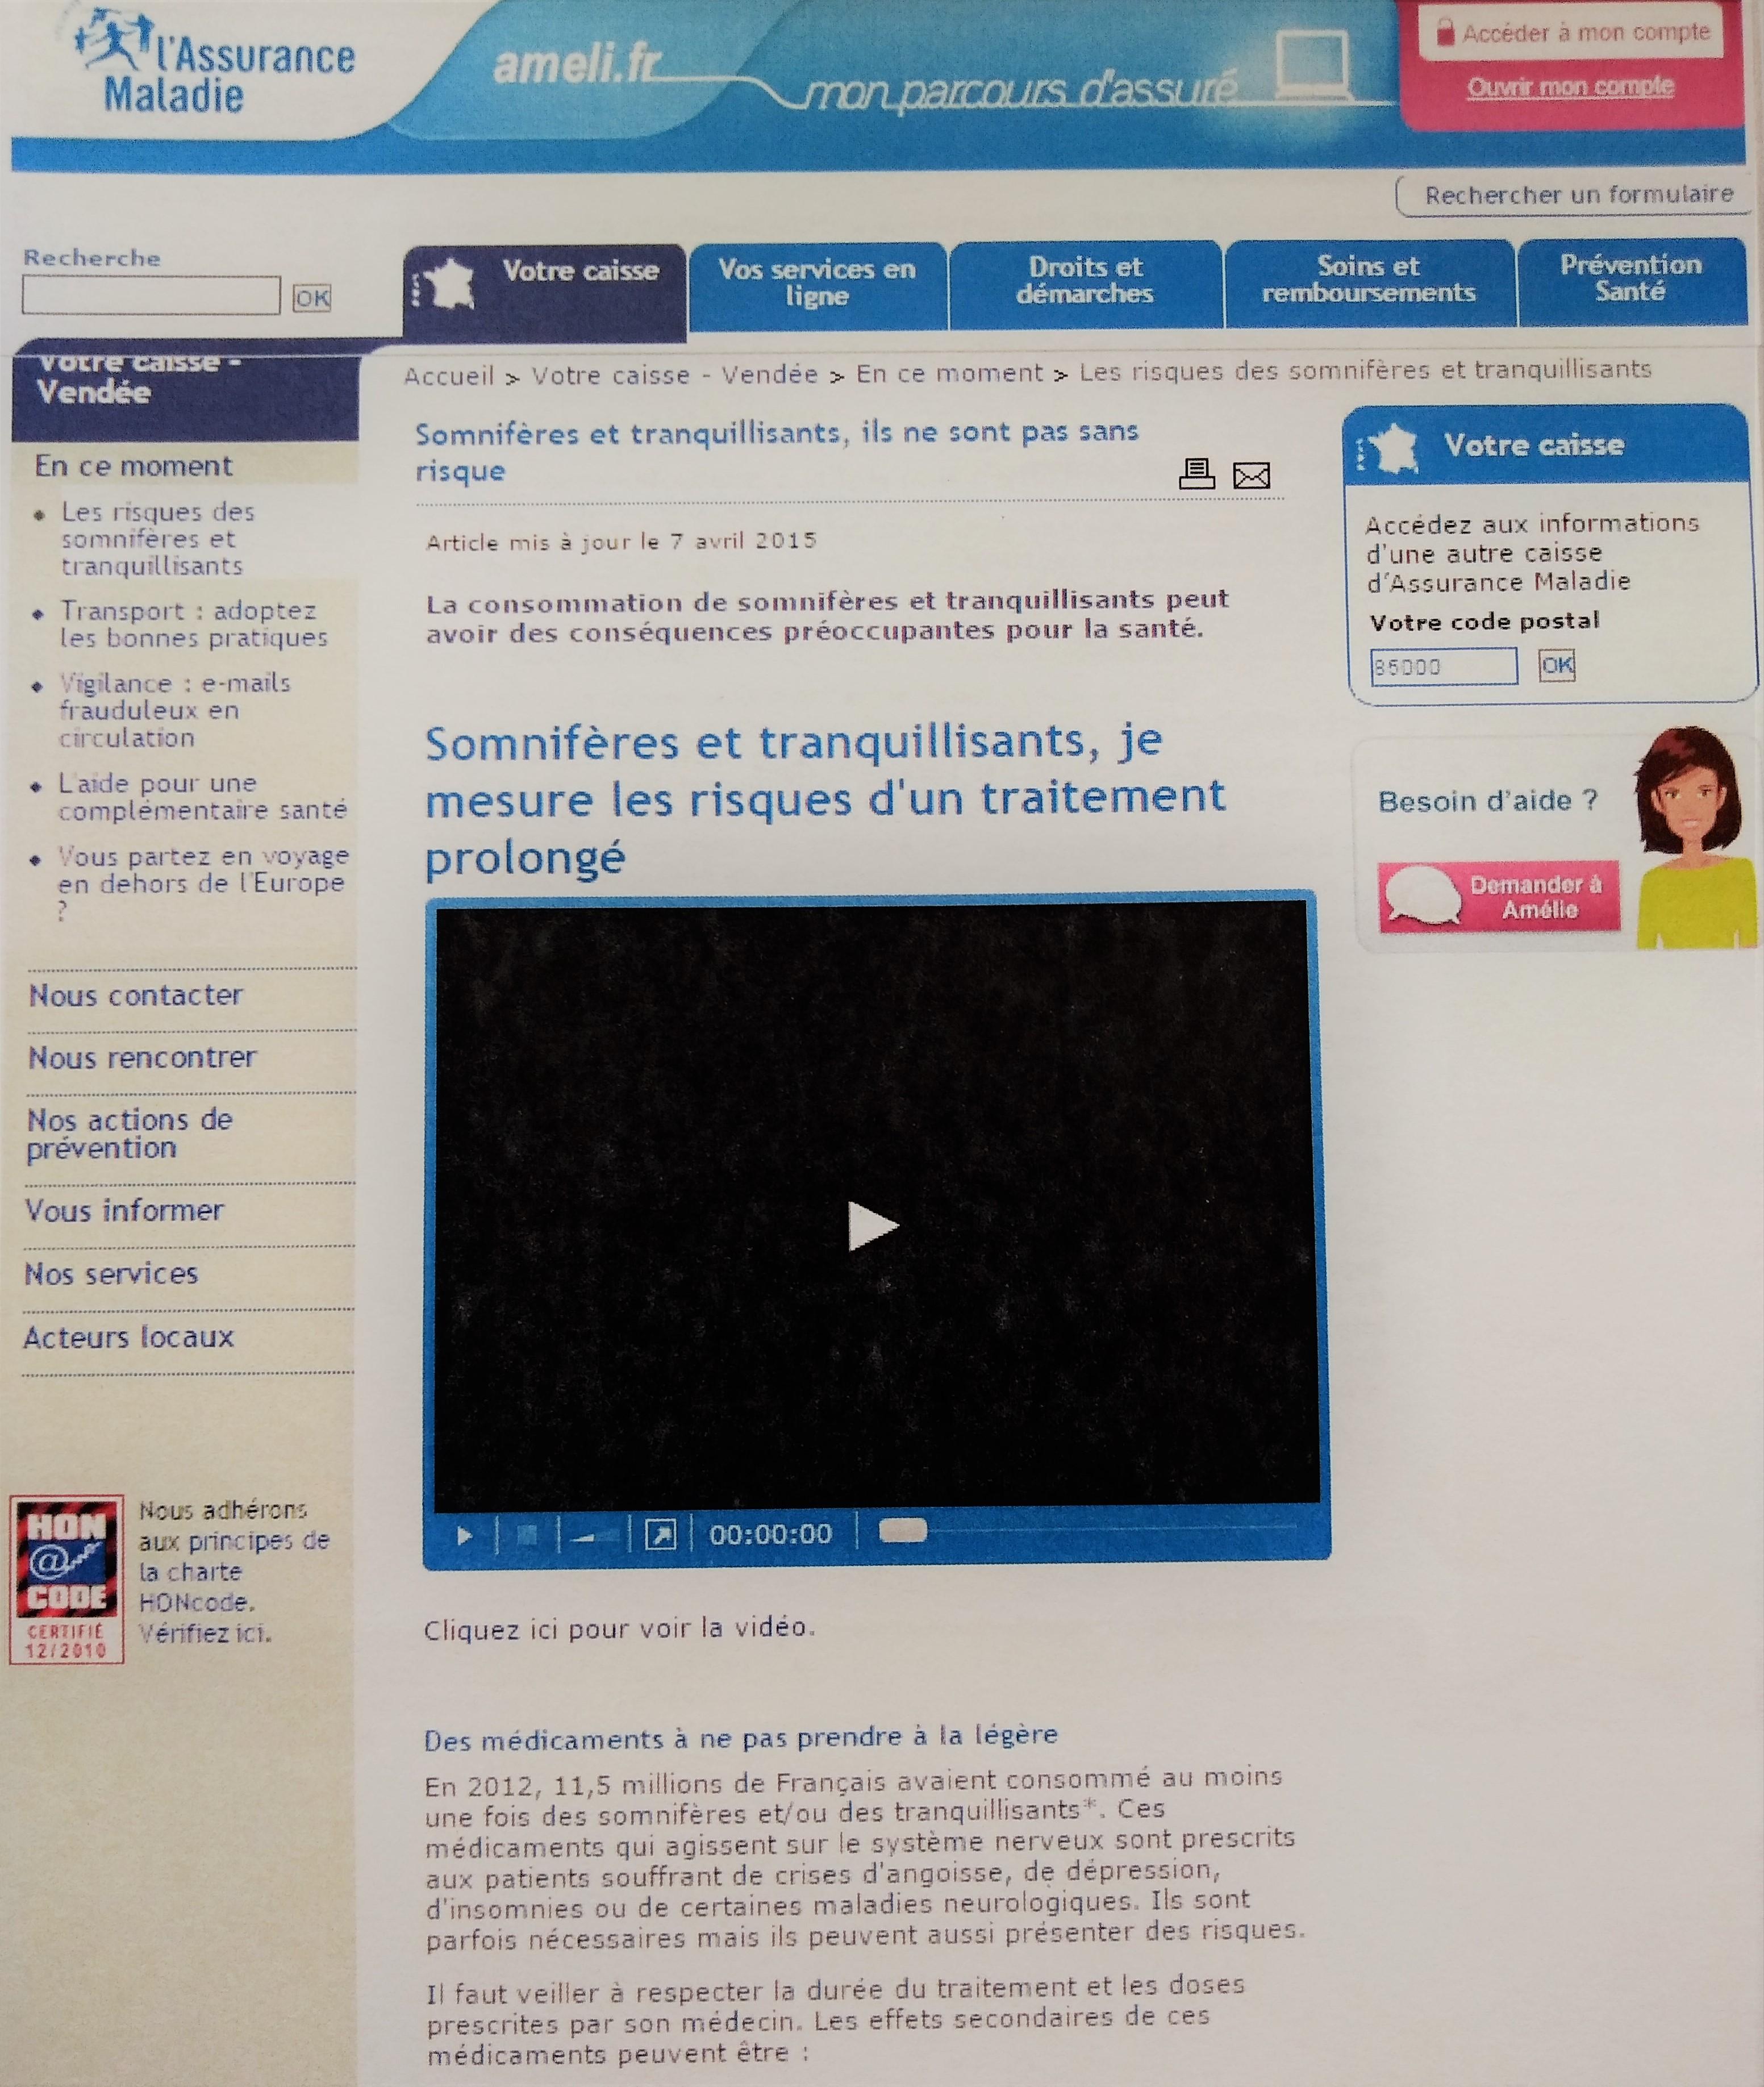 Article pour le site ameli.fr